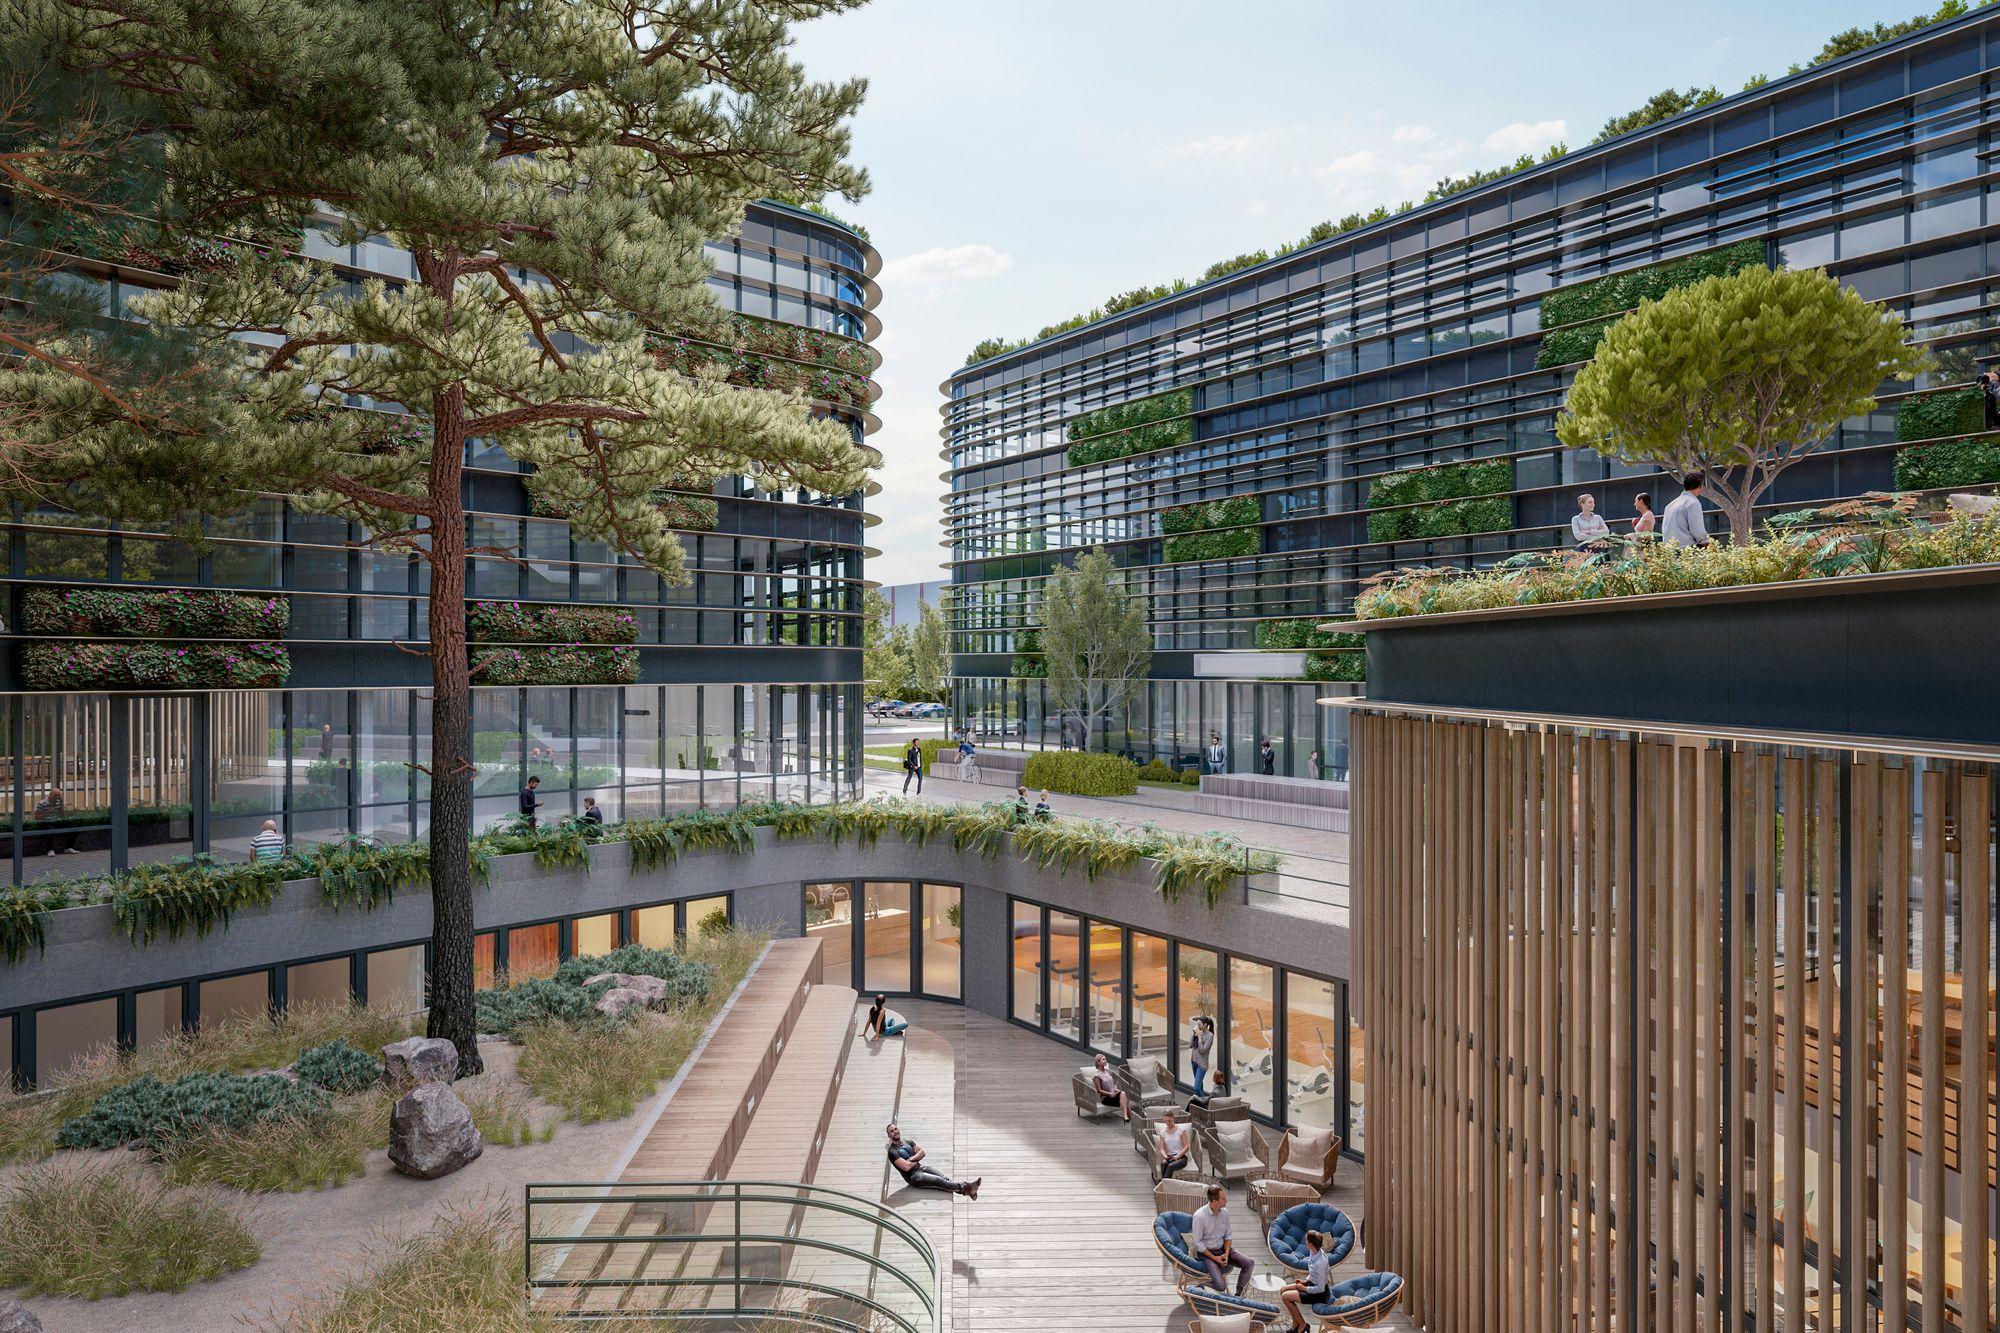 greenovation campus hegauerweg berlin - igp projekt gmbh